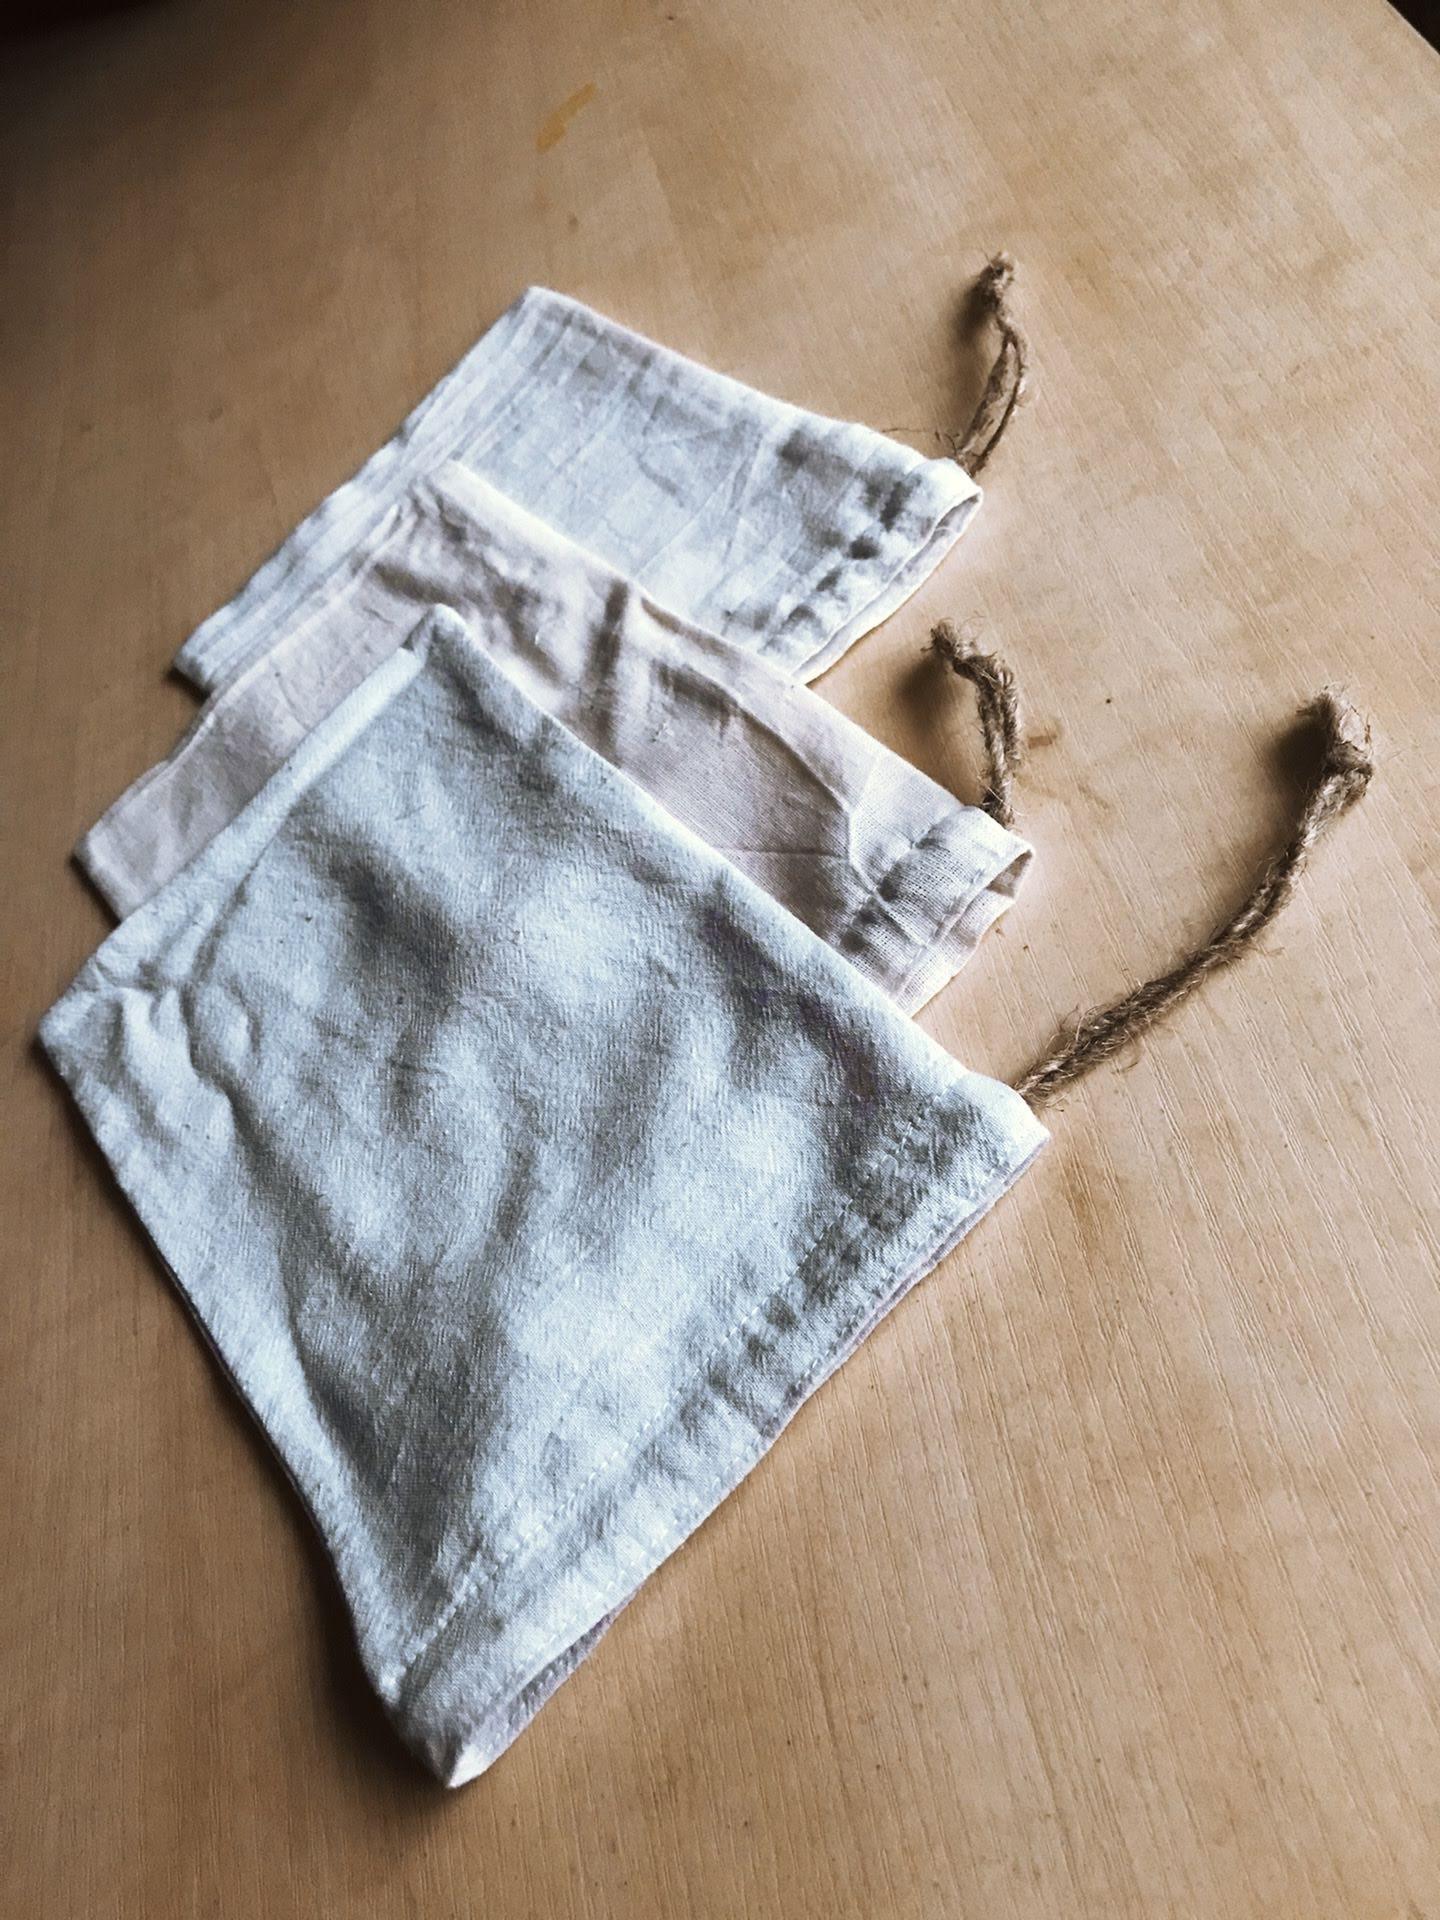 Woreczki bawełniane wielokrotnego użytku a nie plastikowe.